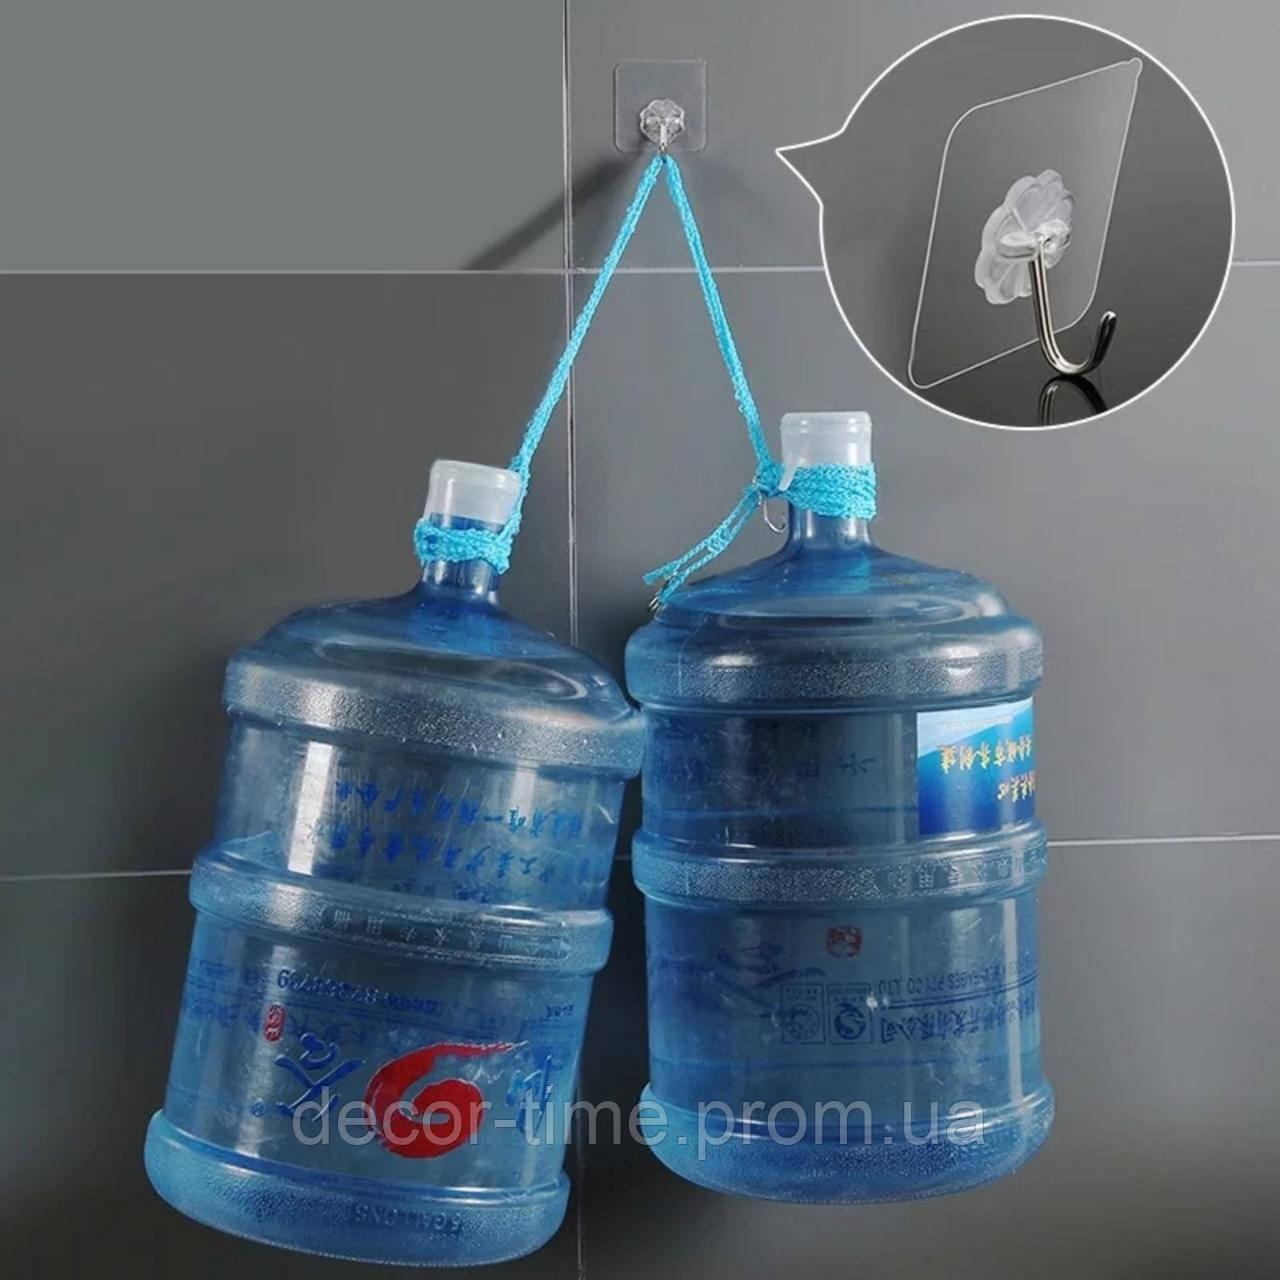 Прозорі самоклеючі гачки для кухні , вішалки для ванної, будинку (комплект 4шт) 948572